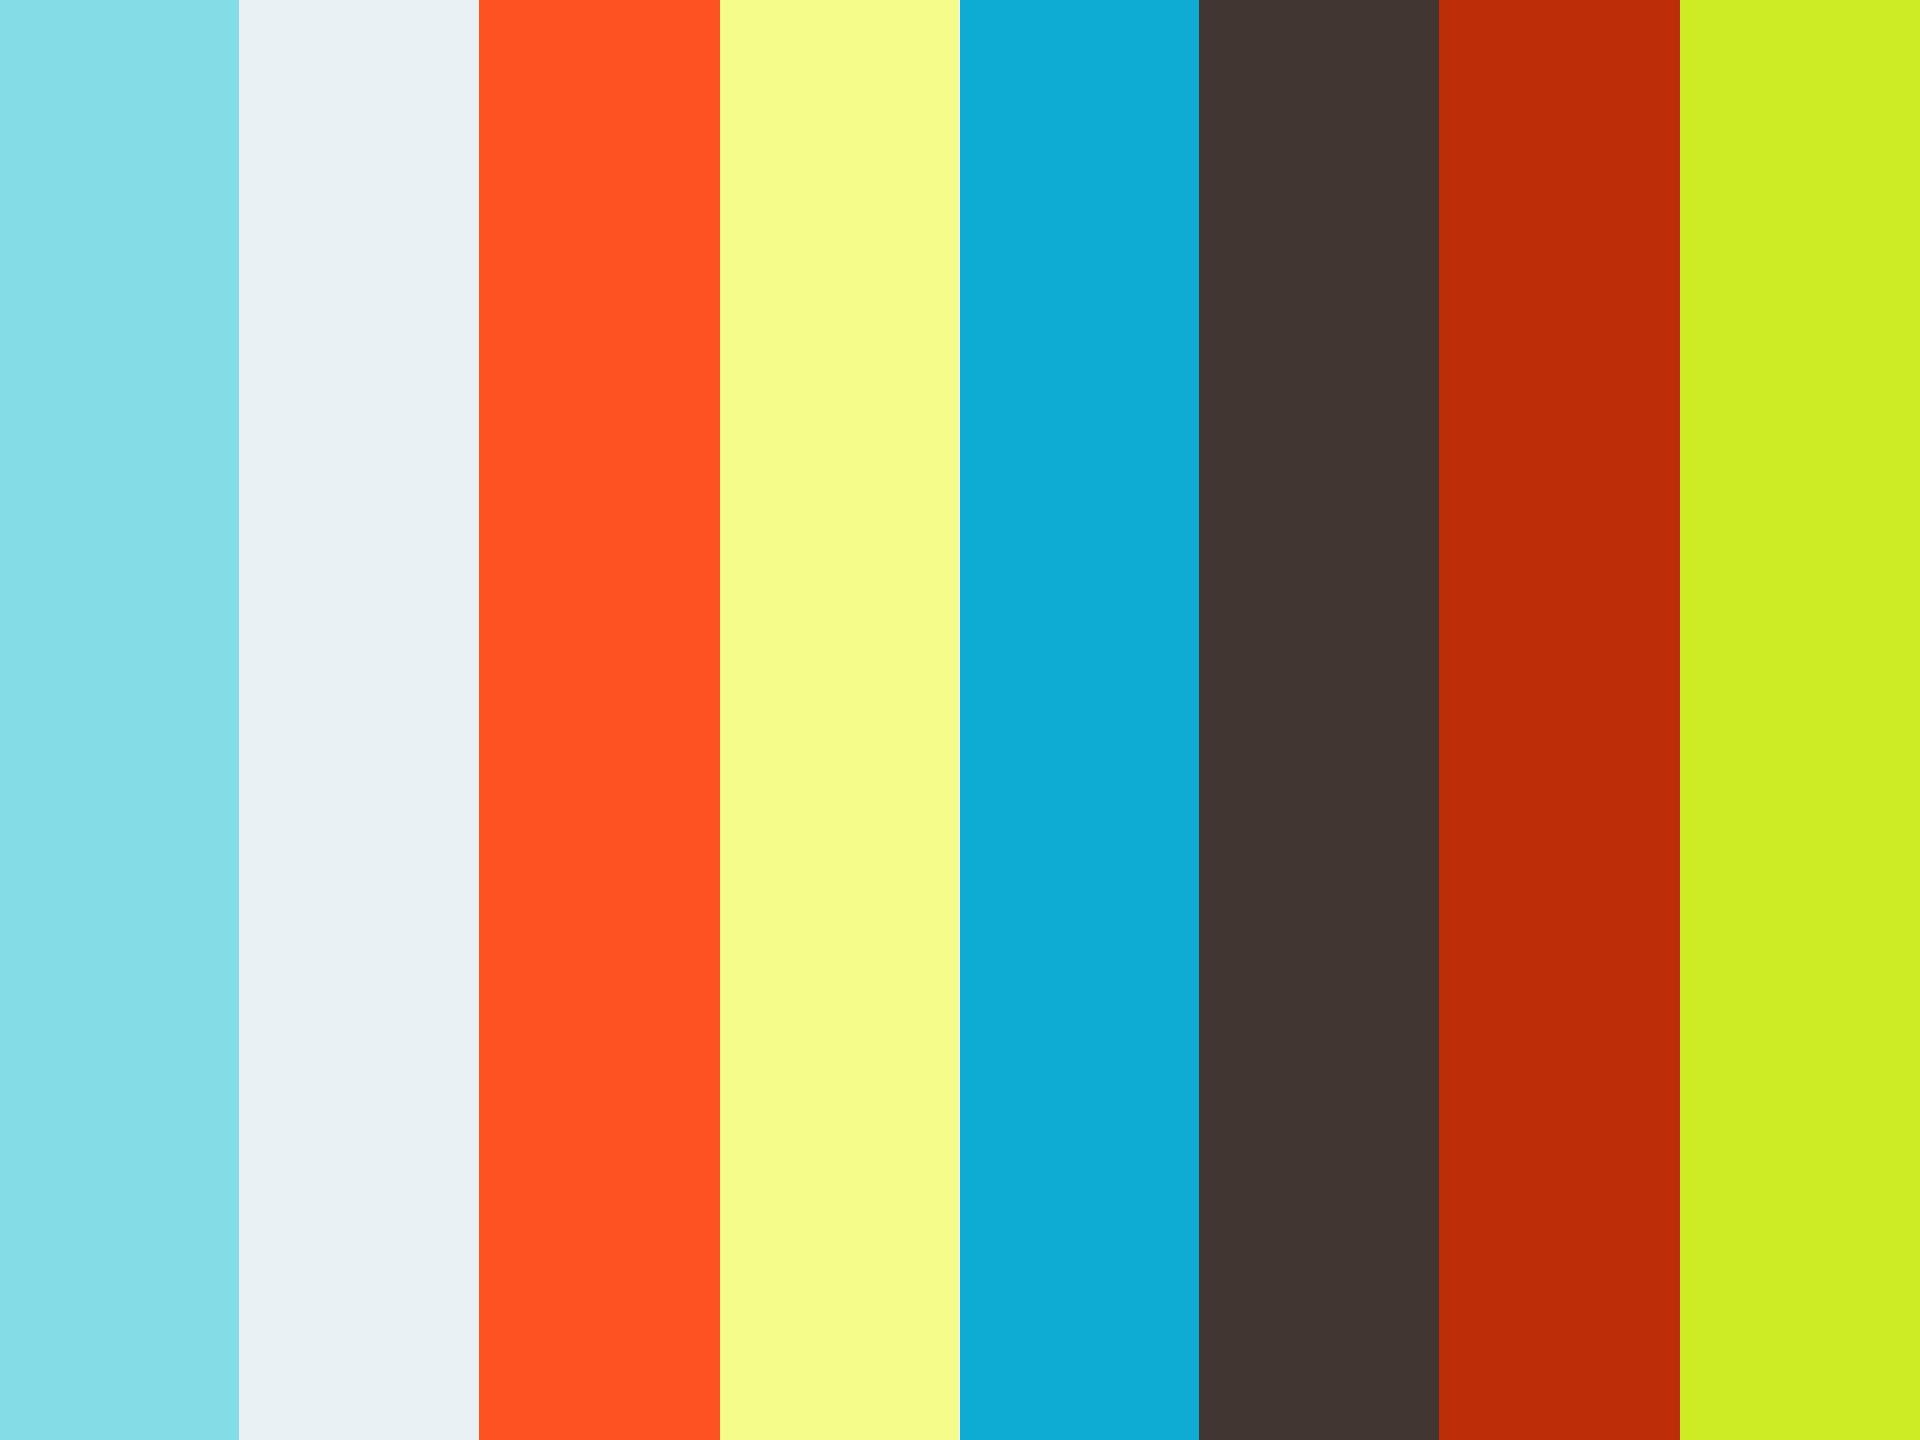 FORD TRANSIT - YELLOW - 2020 * UTILITY VAN